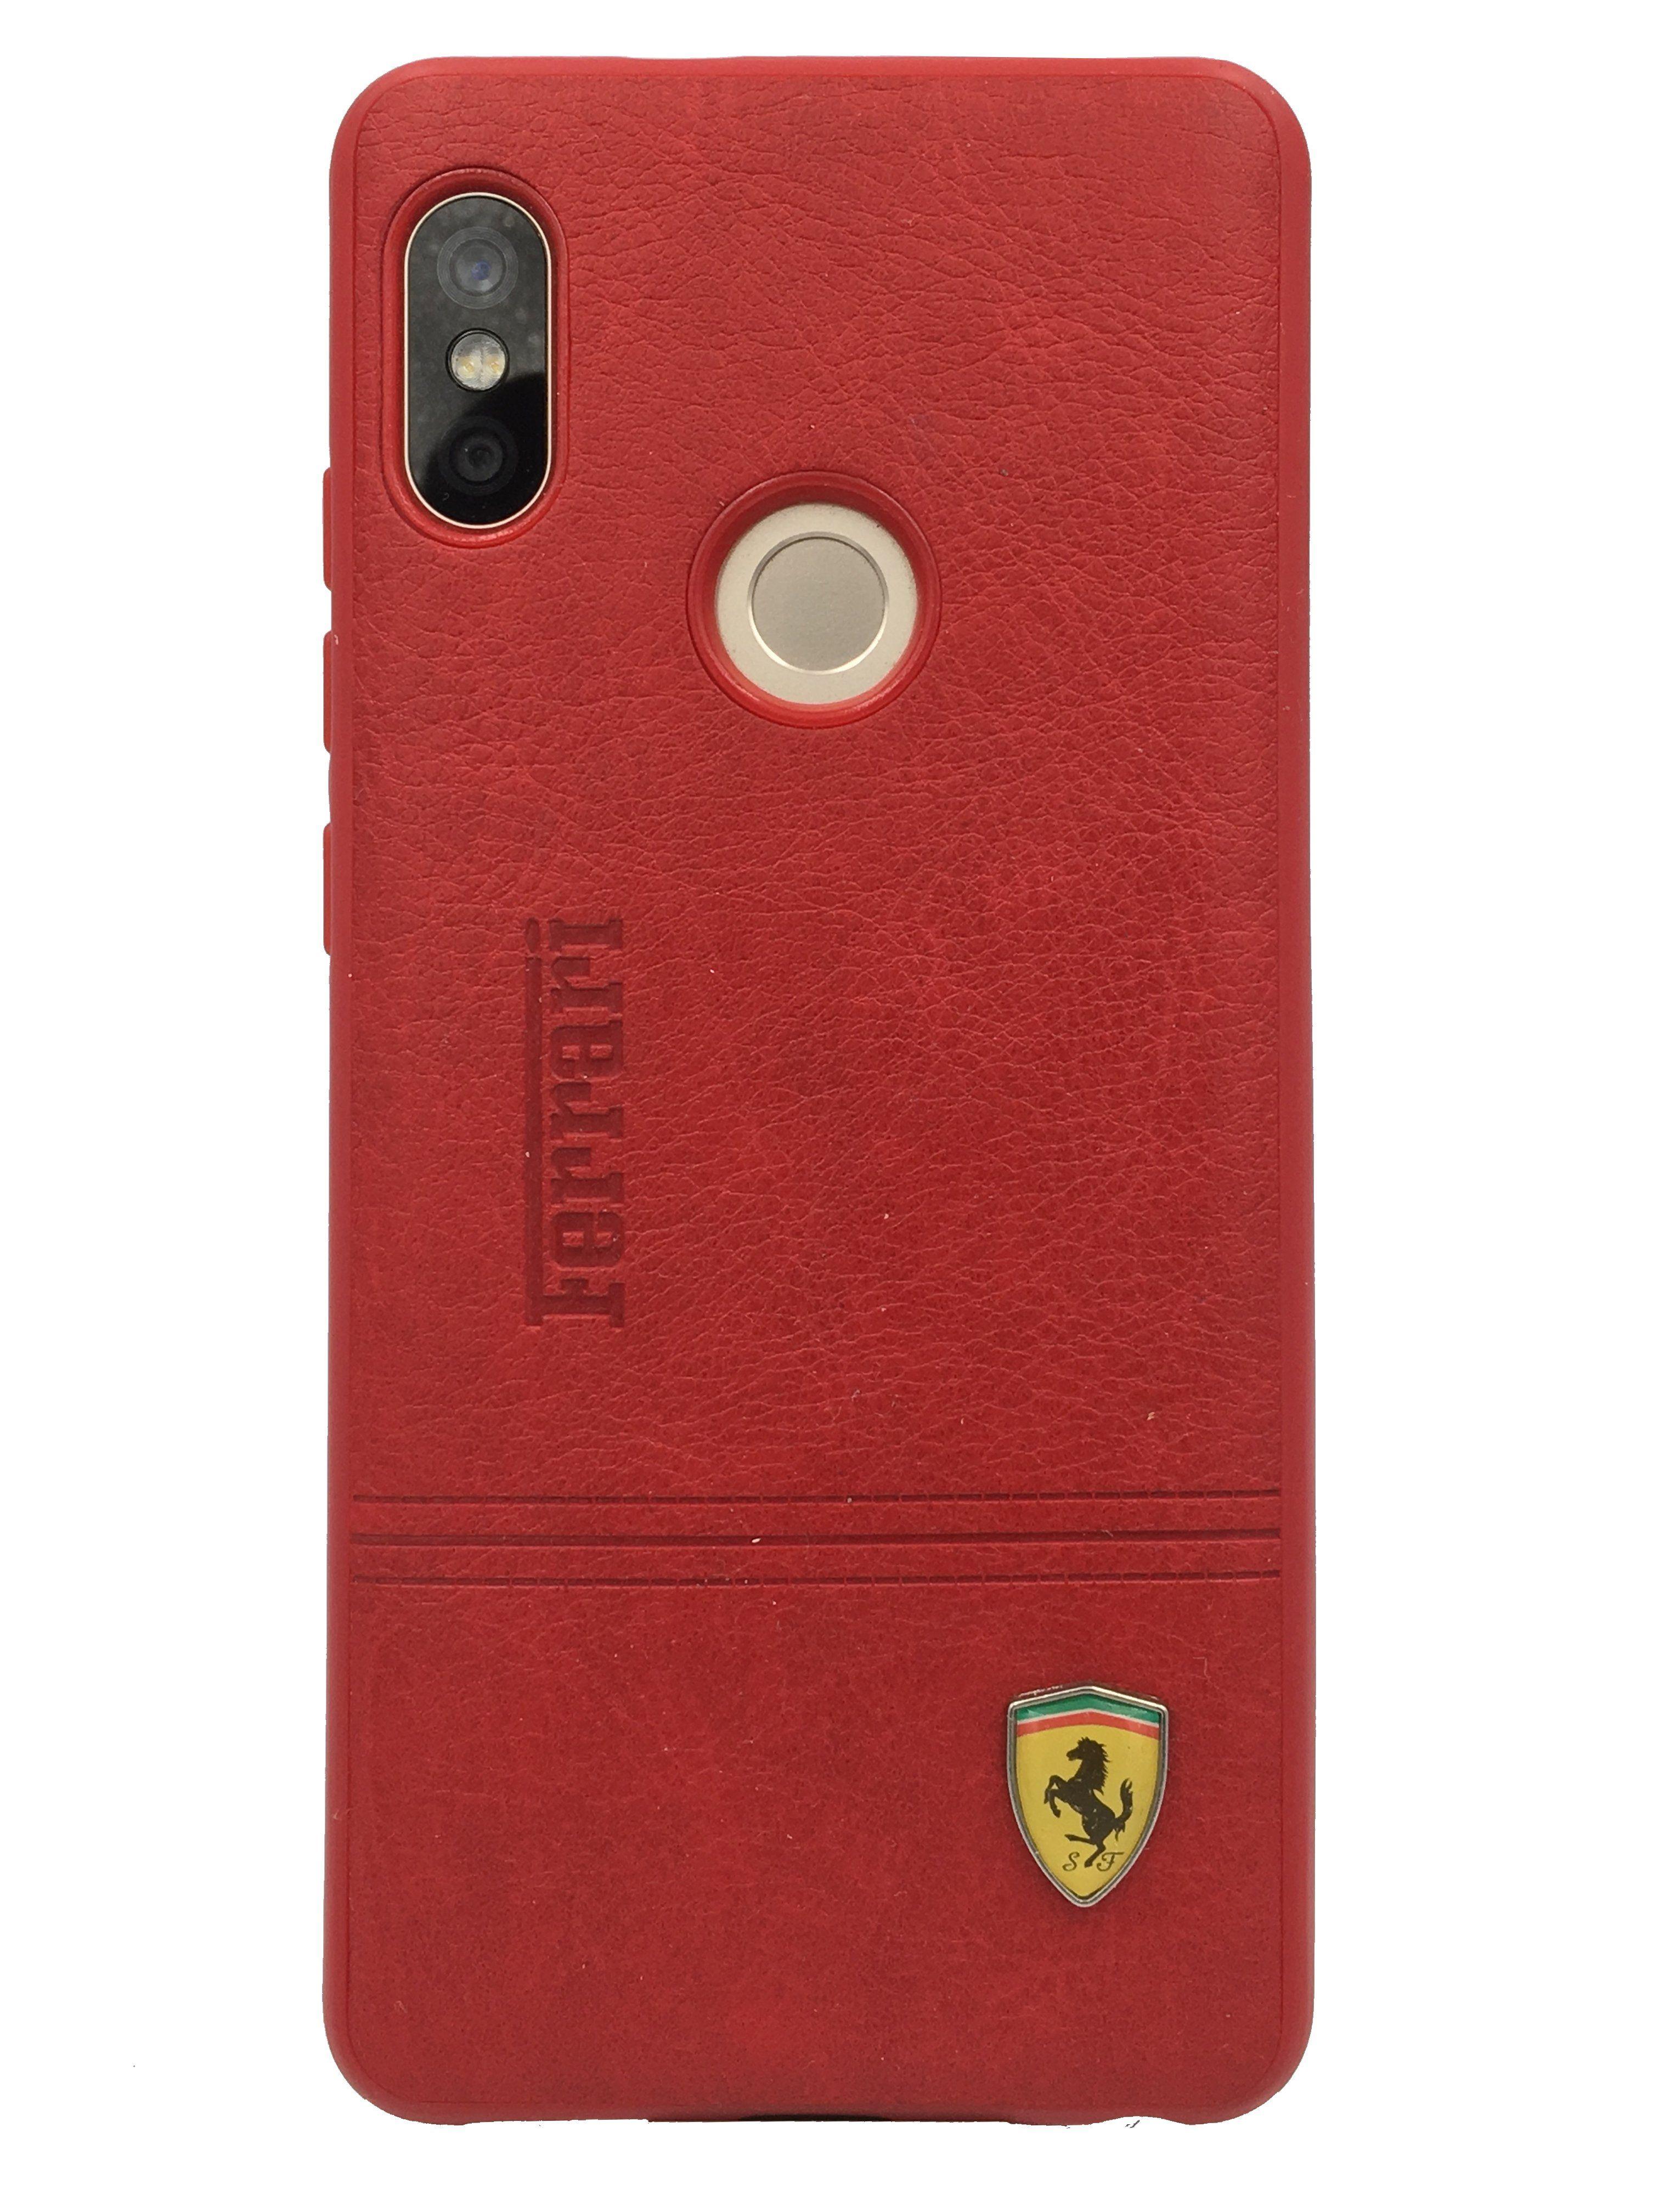 check out 81e2d 9ec8f Redmi Note 5 Pro Leather Back Soft Silicone Ferrari Back Case Cover ...